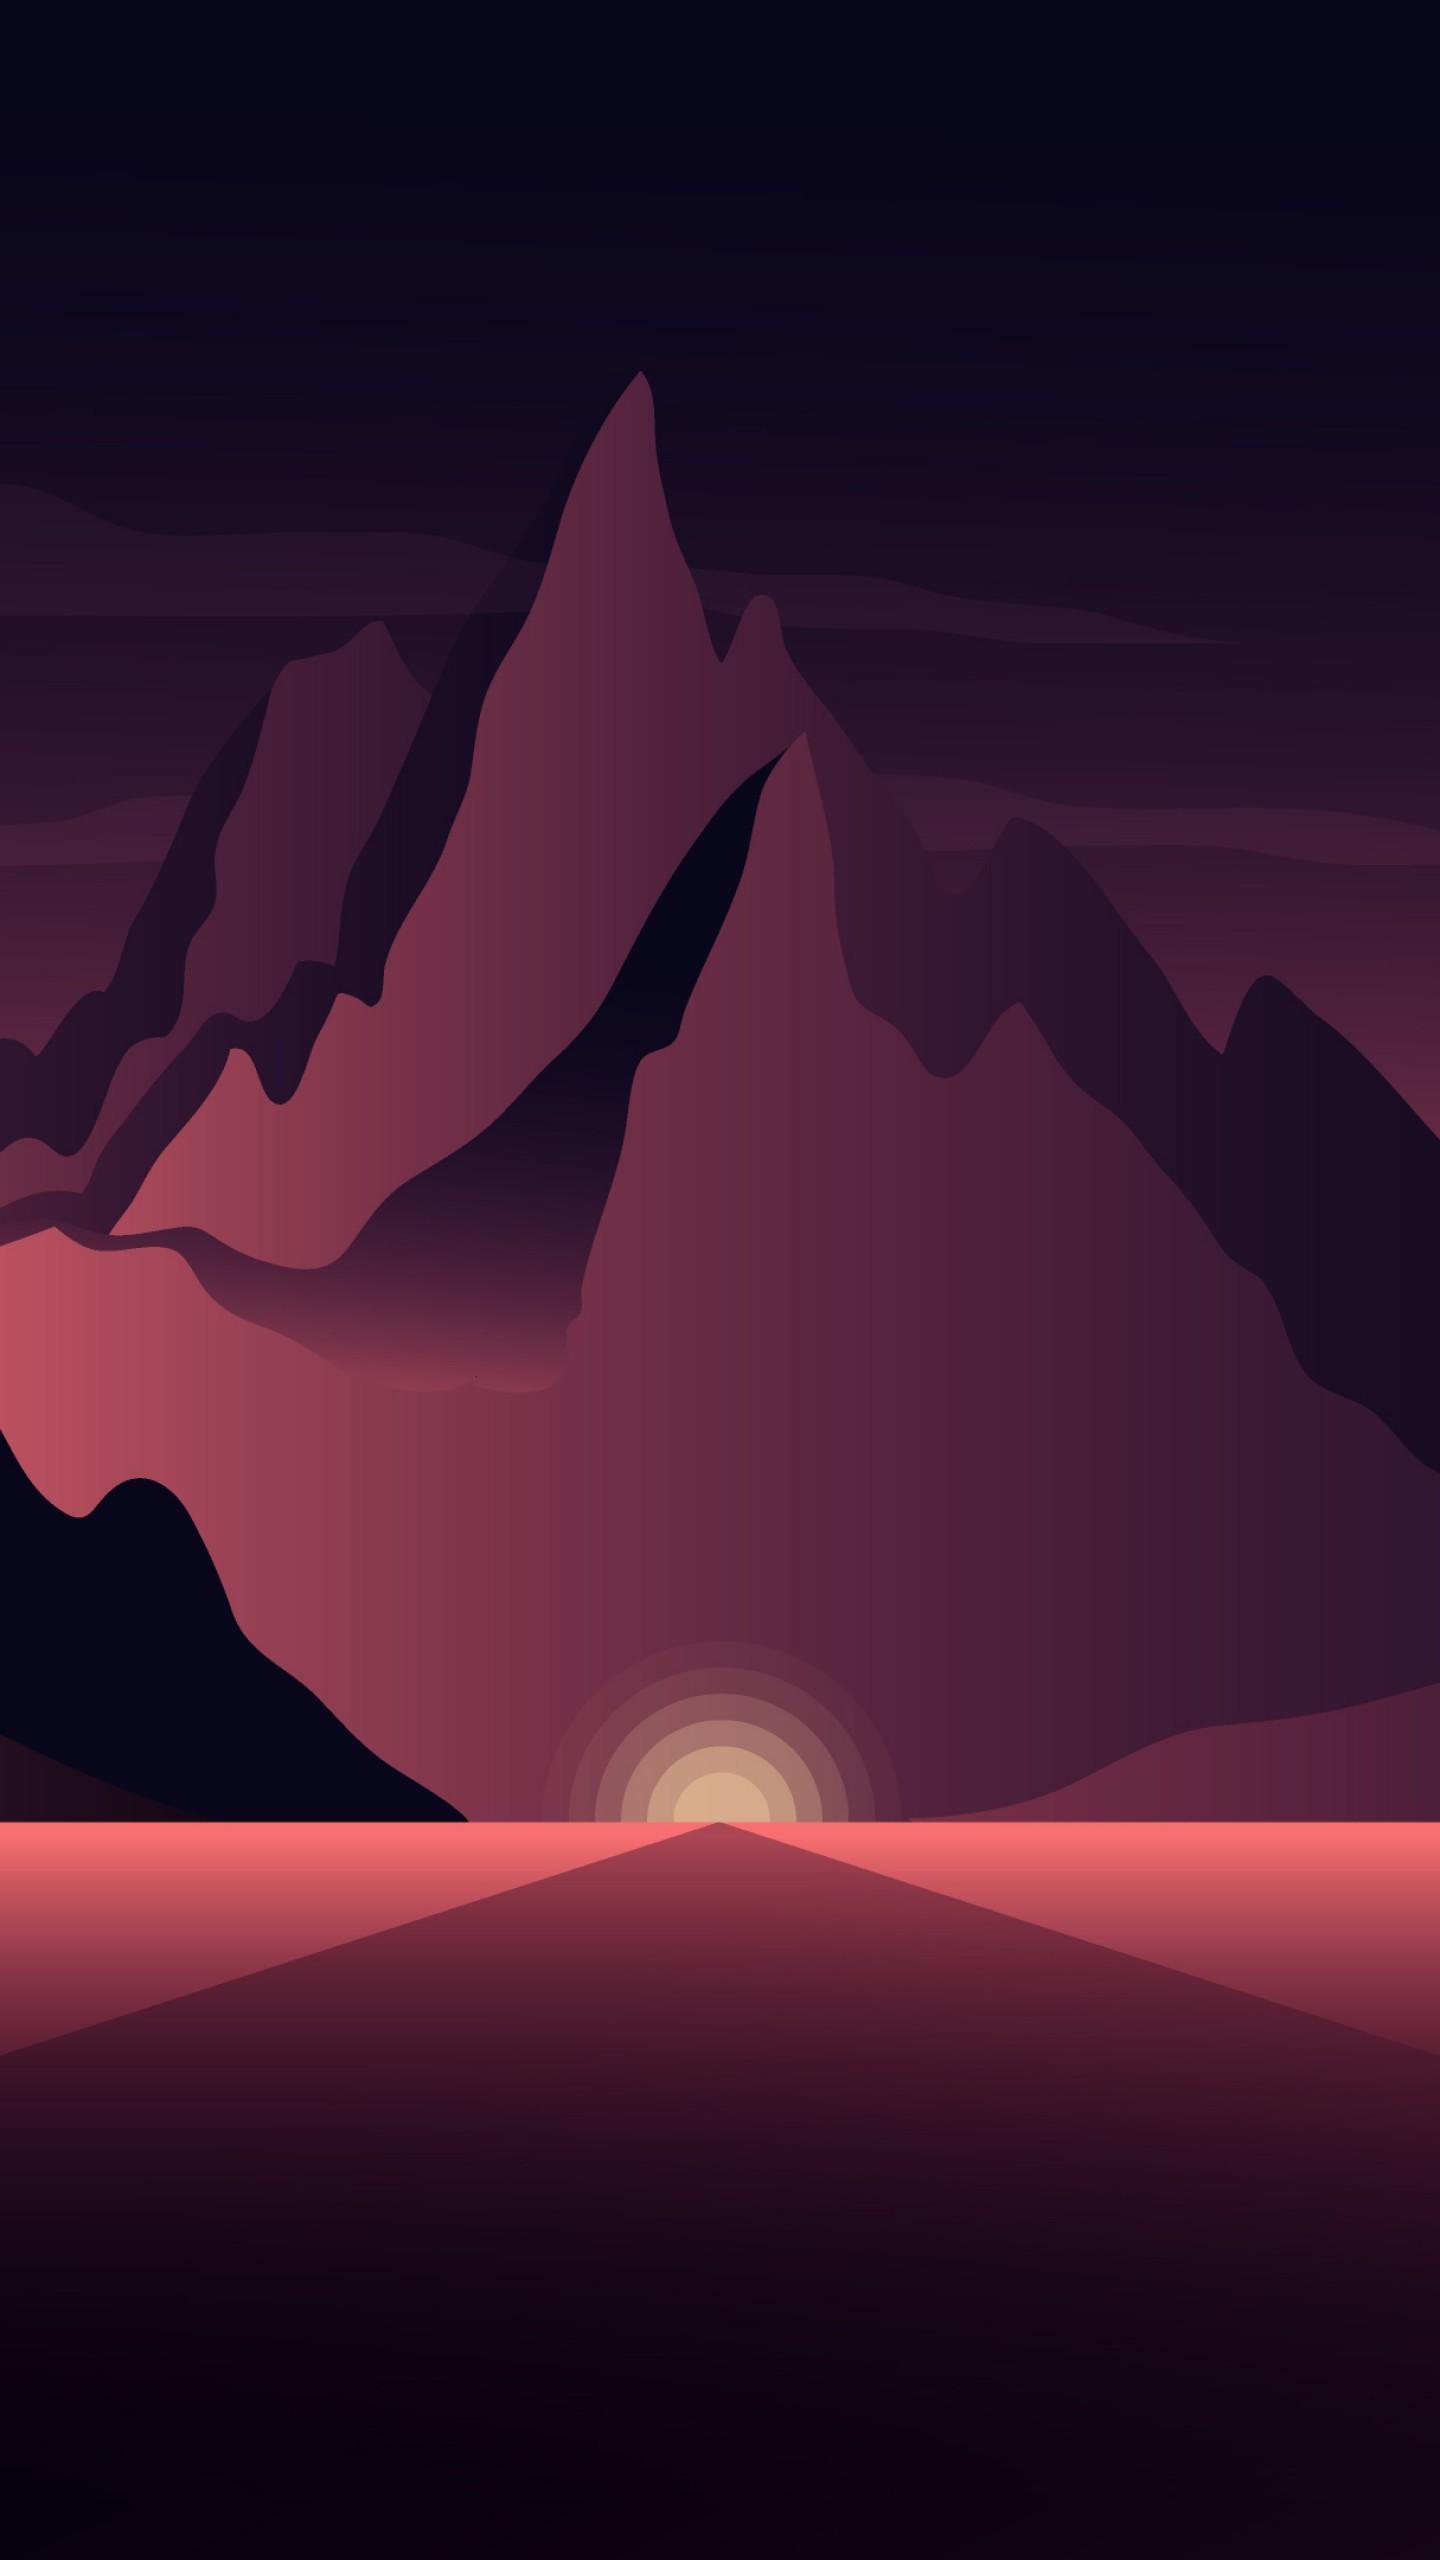 عکس زمینه نقاشی کوه ها در تاریکی سحر پس زمینه